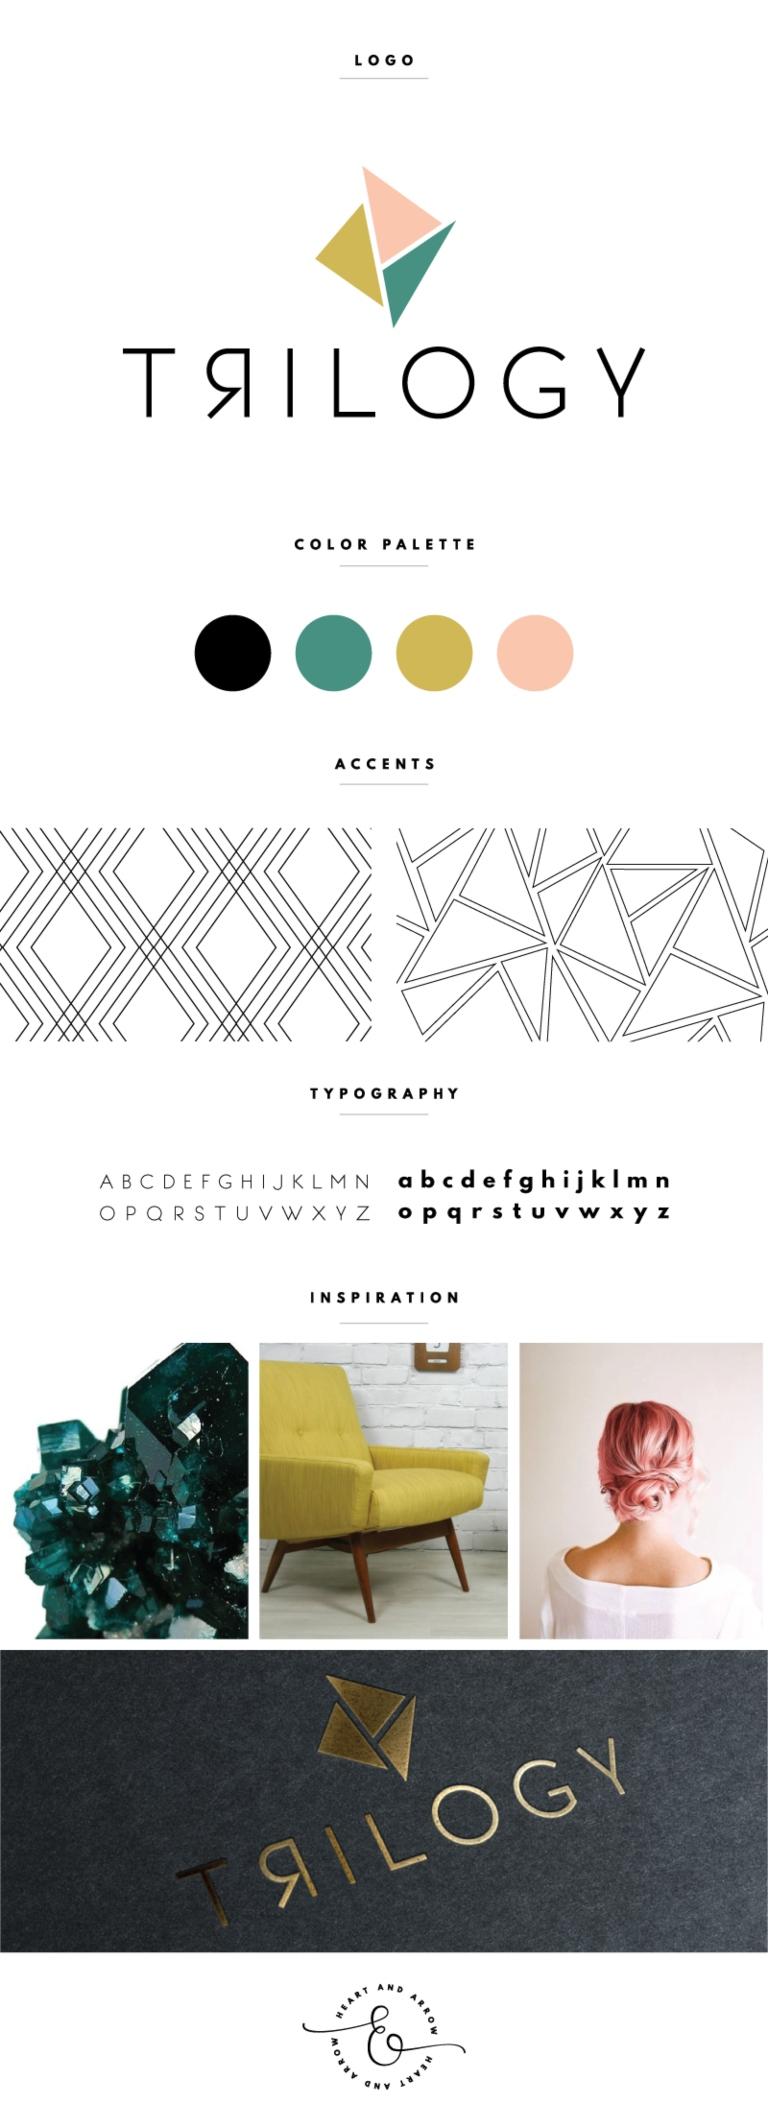 Tendencias de branding en 2021: patrones geométricos